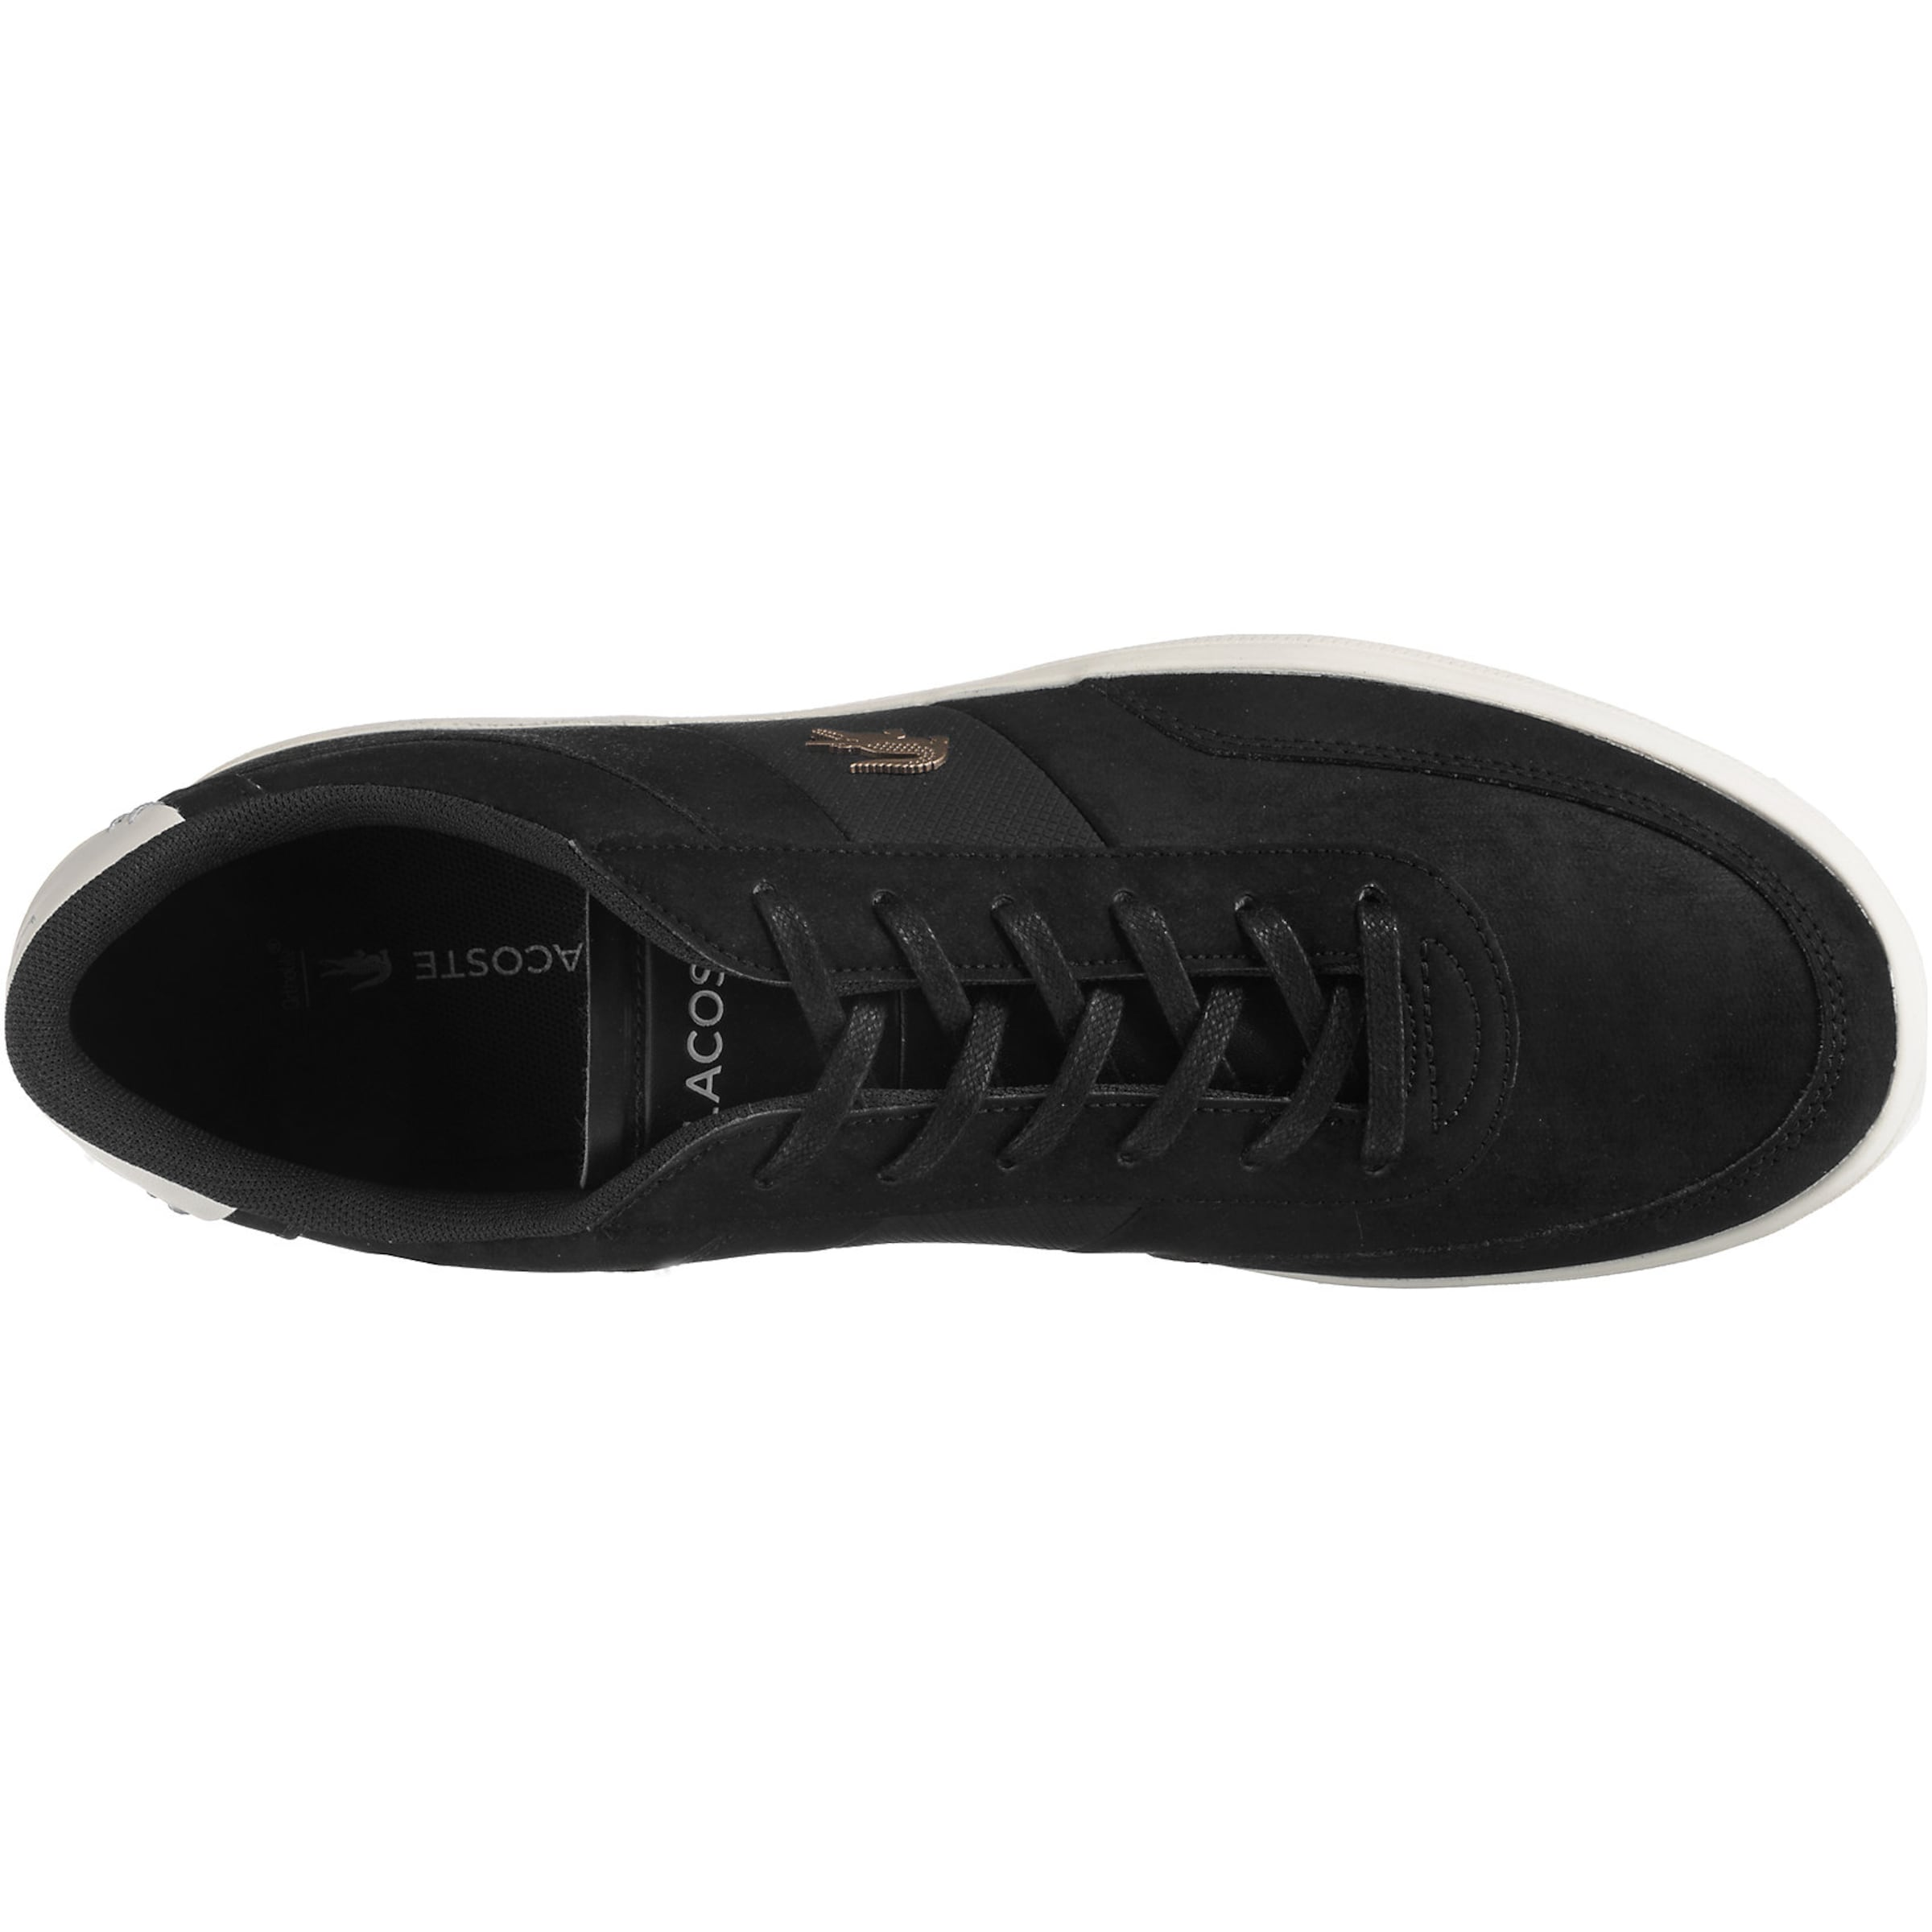 Lacoste Sneaker Schwarz 'court master' In ARjL54